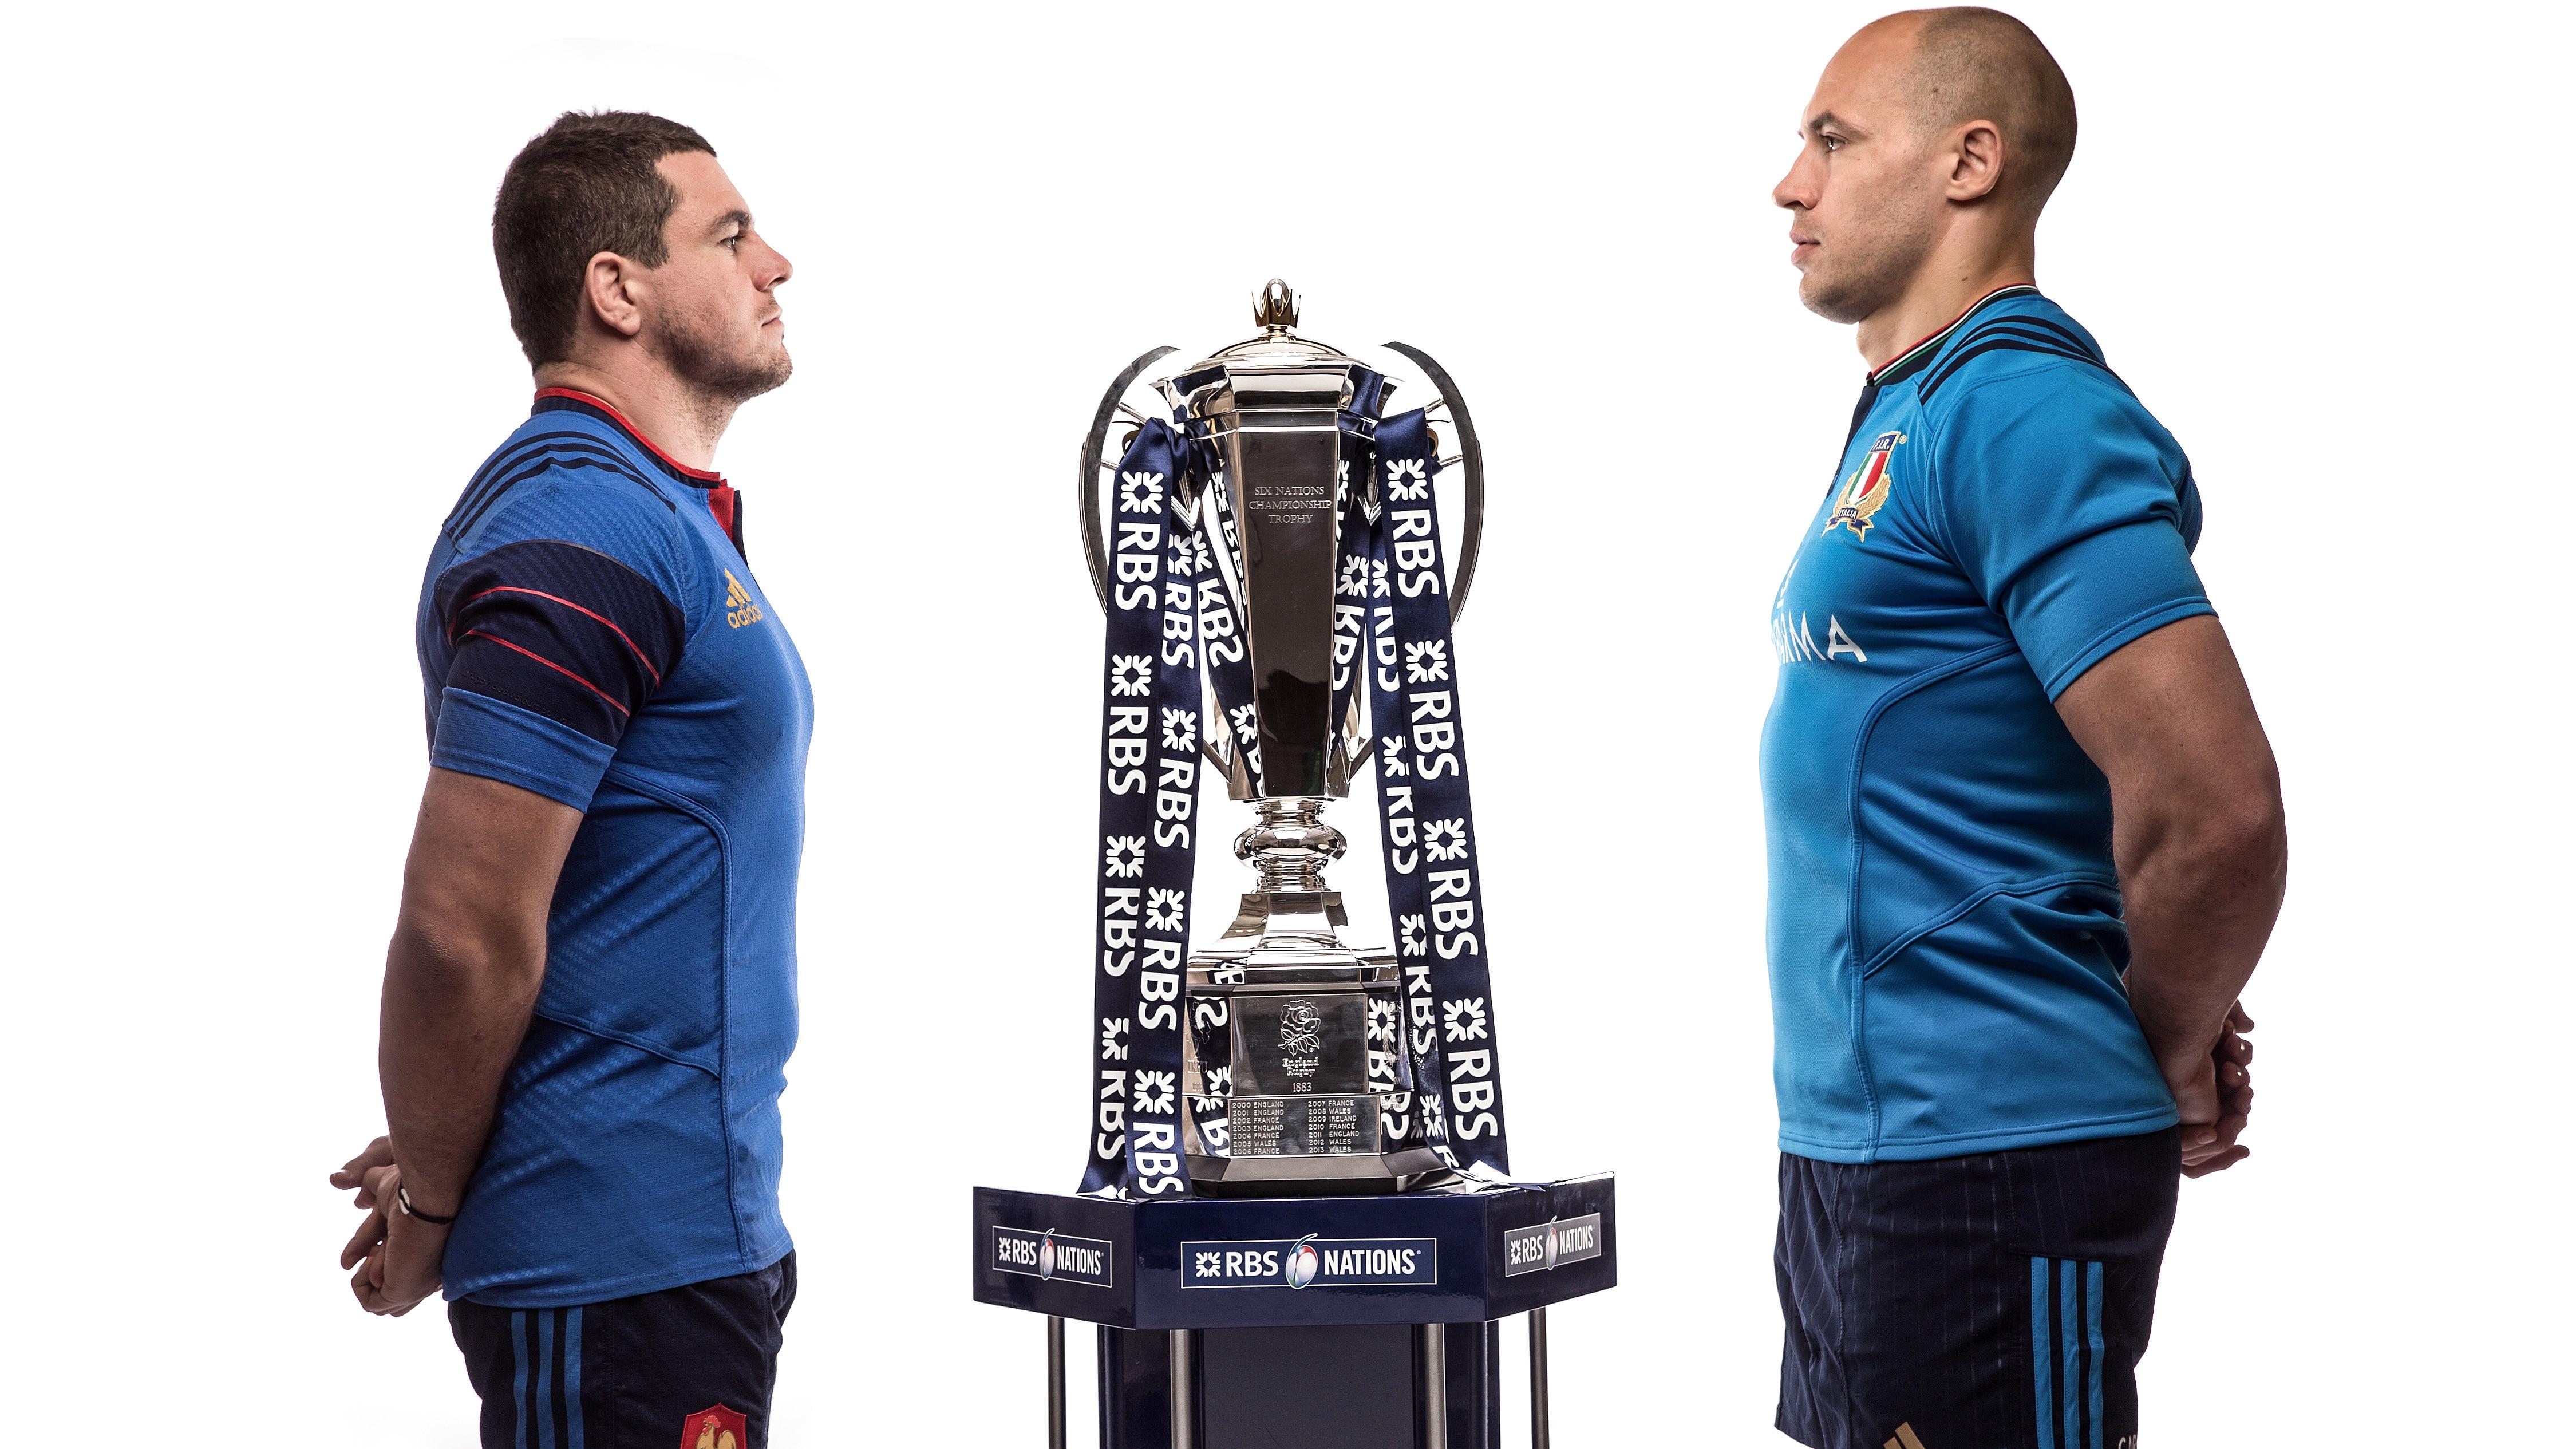 Latin rivals prepare for opener